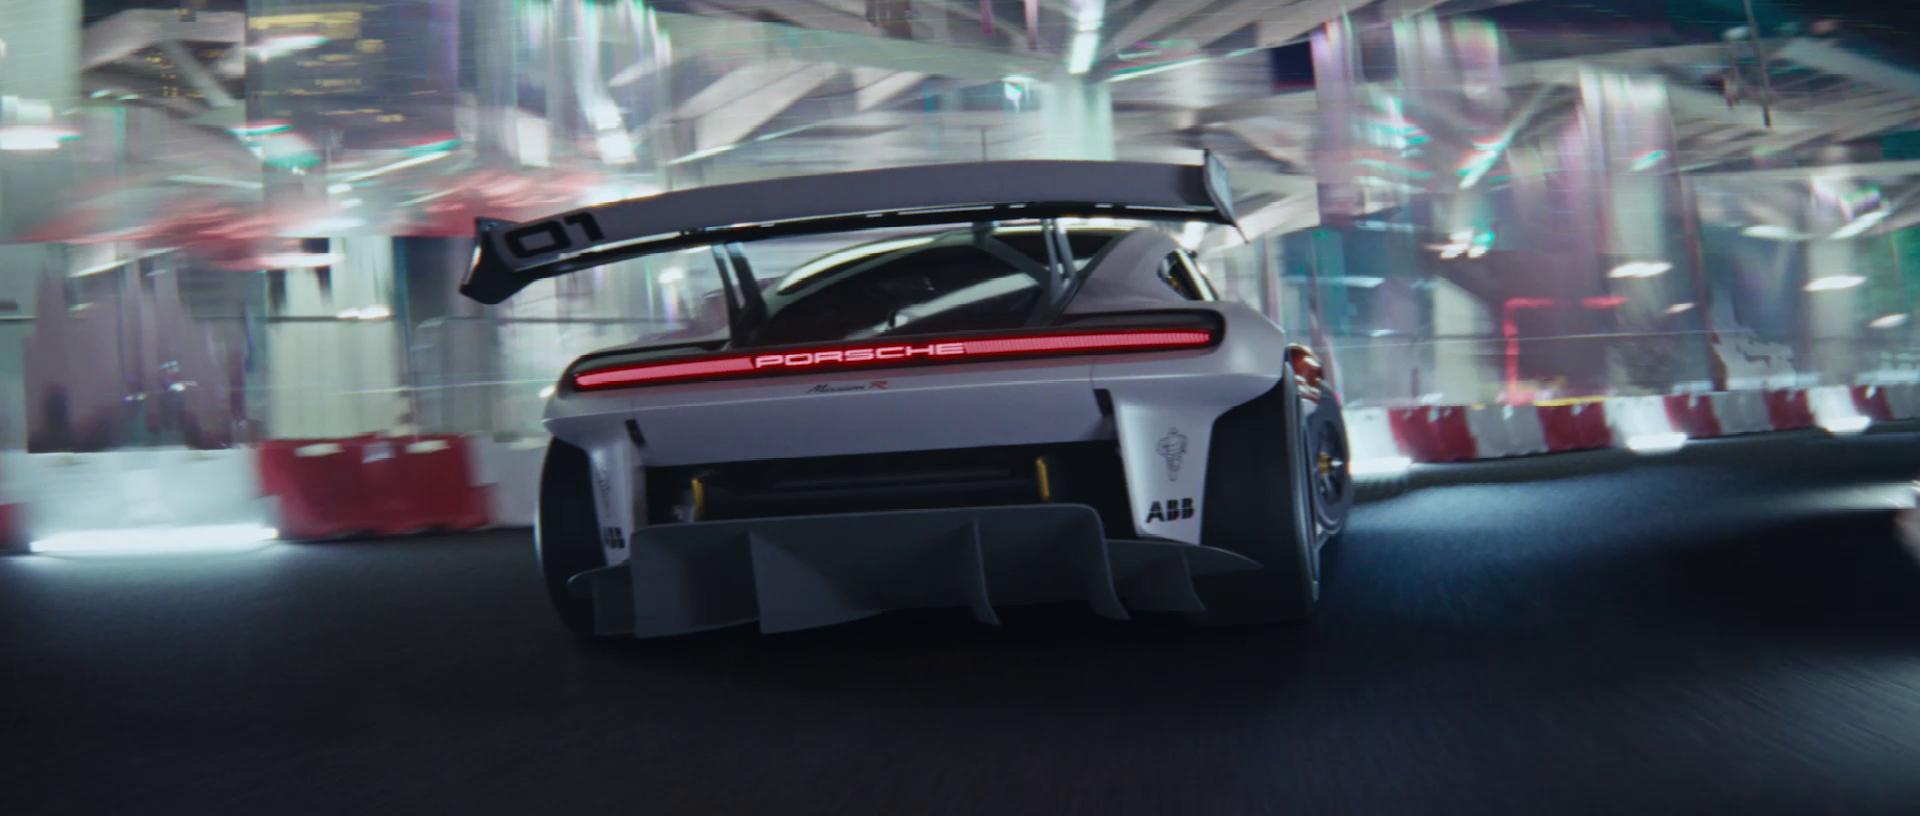 Porsche_mission_R__0013_Layer 20